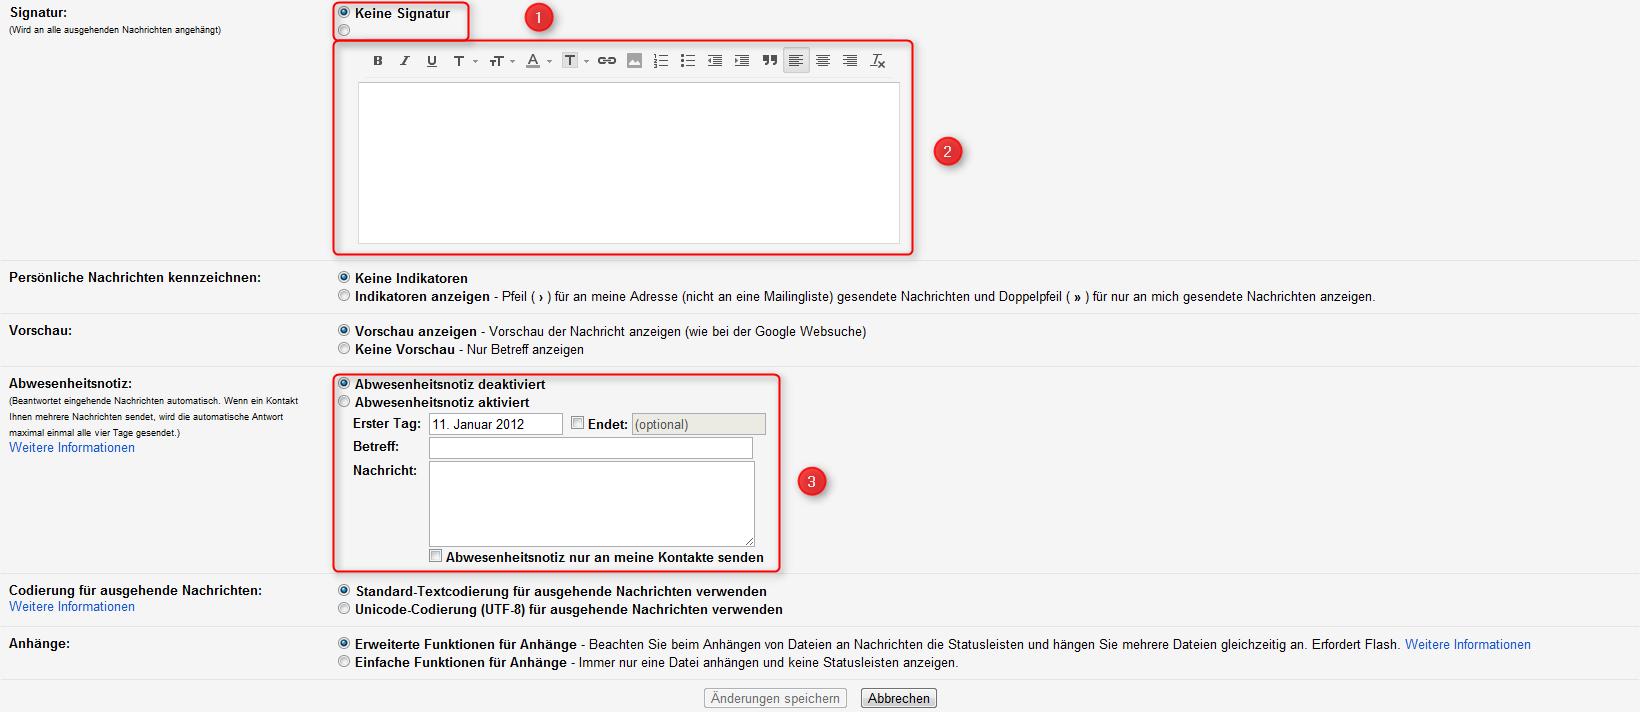 02-google-mail-alle-einstellungsmoeglichkeiten-allgemein-signatur-470.png?nocache=1326361334260